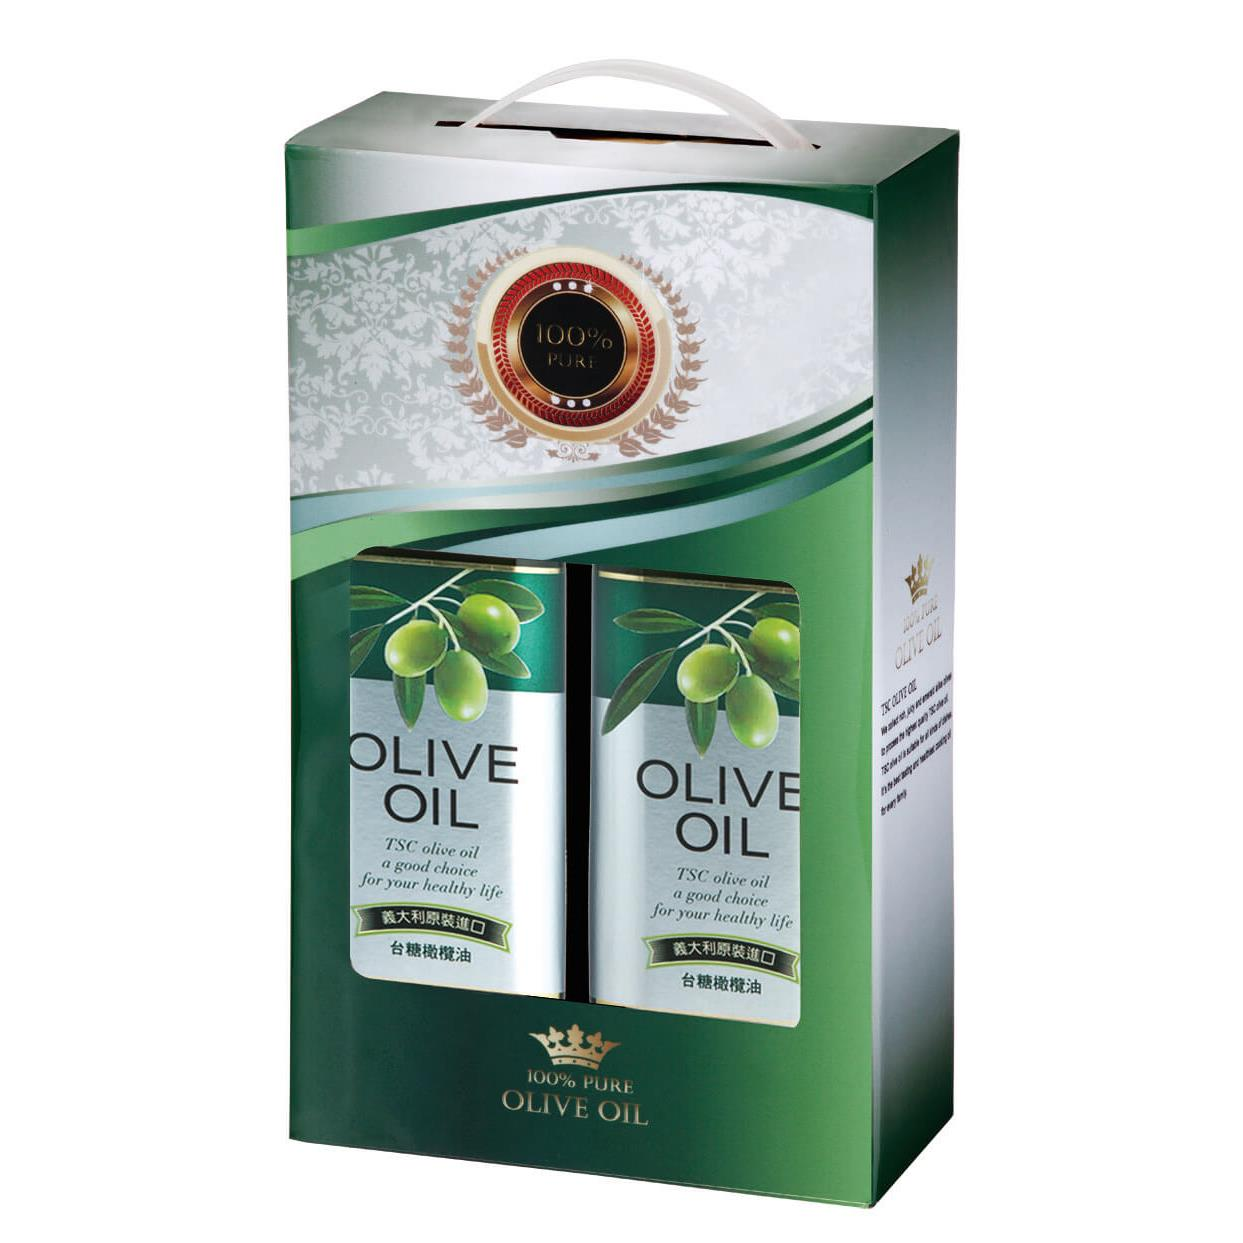 【台糖】橄欖油禮盒 (1公升x2瓶)